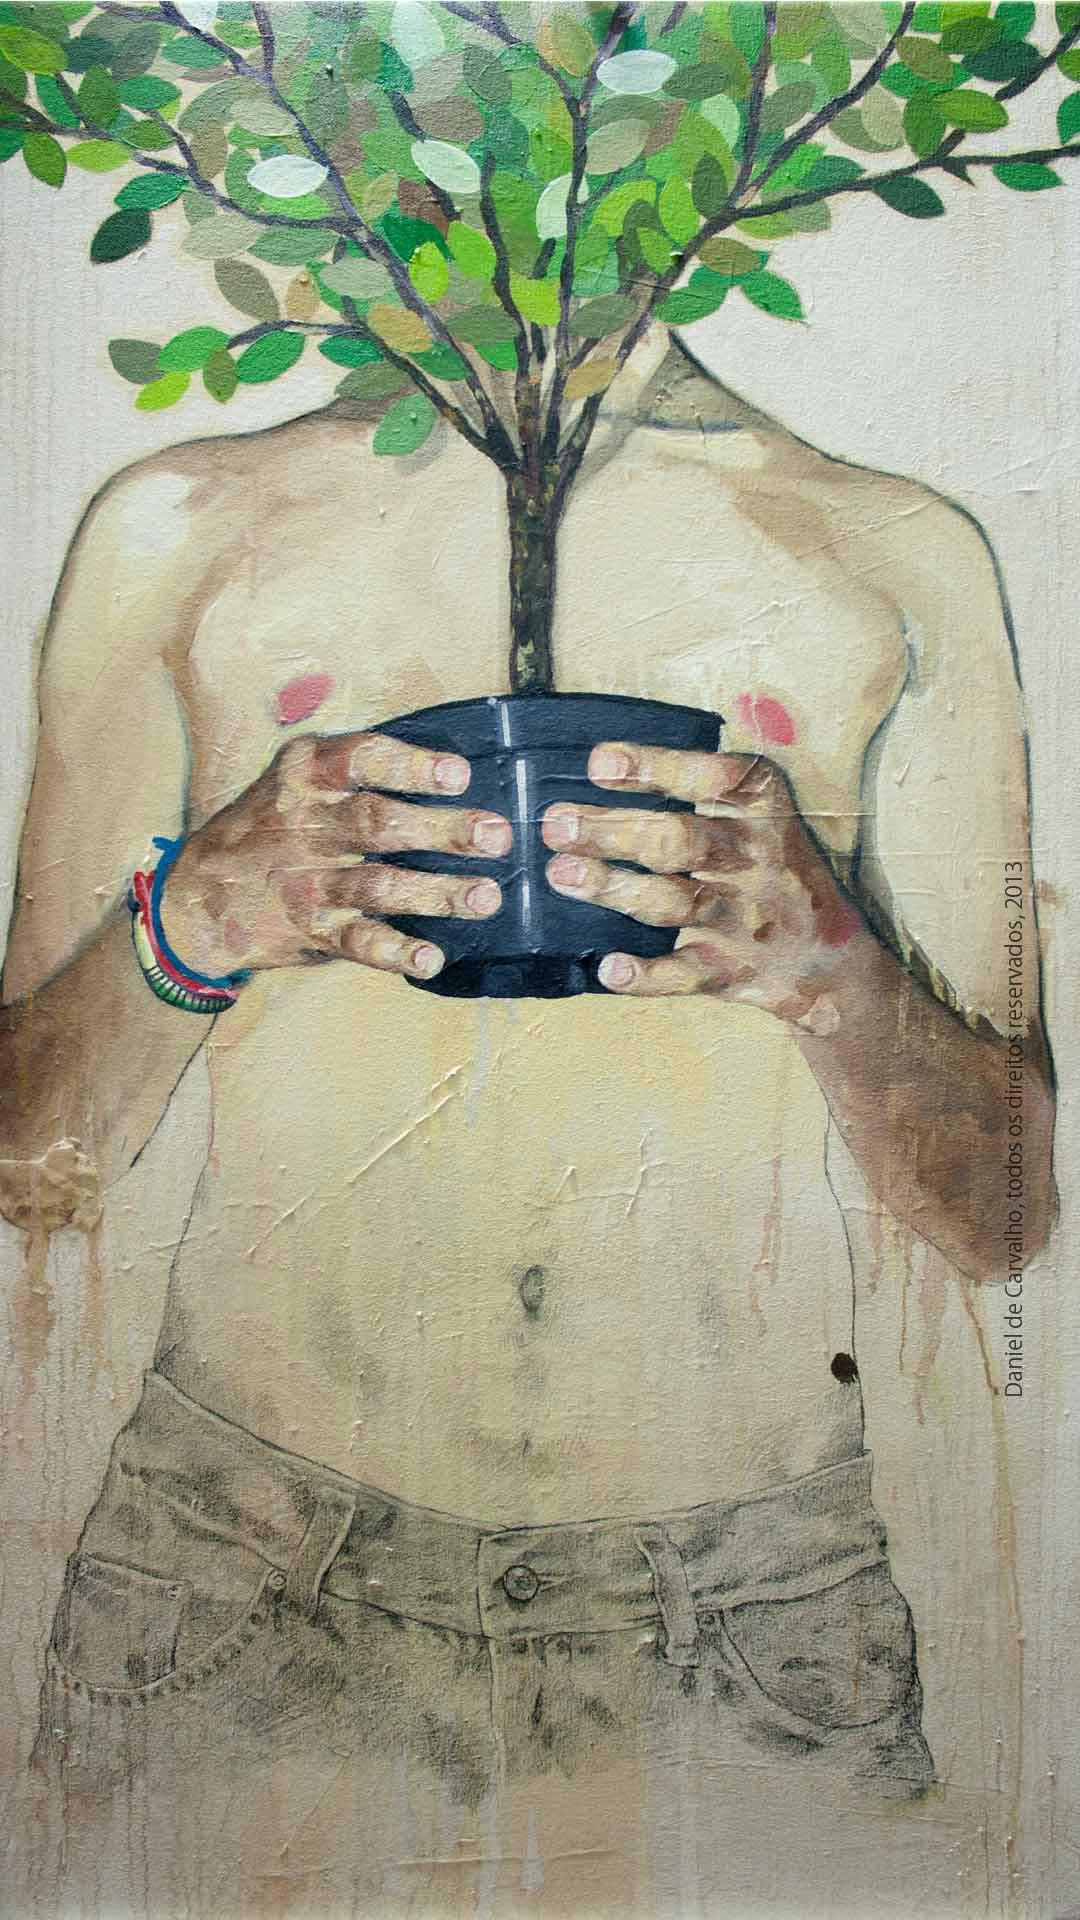 Pintura a óleo: Pensamento Vivo é Eterno e Ascendente, 2013 Óleo sobre tela, 69 x 120 cm Série O Corpo Árvore